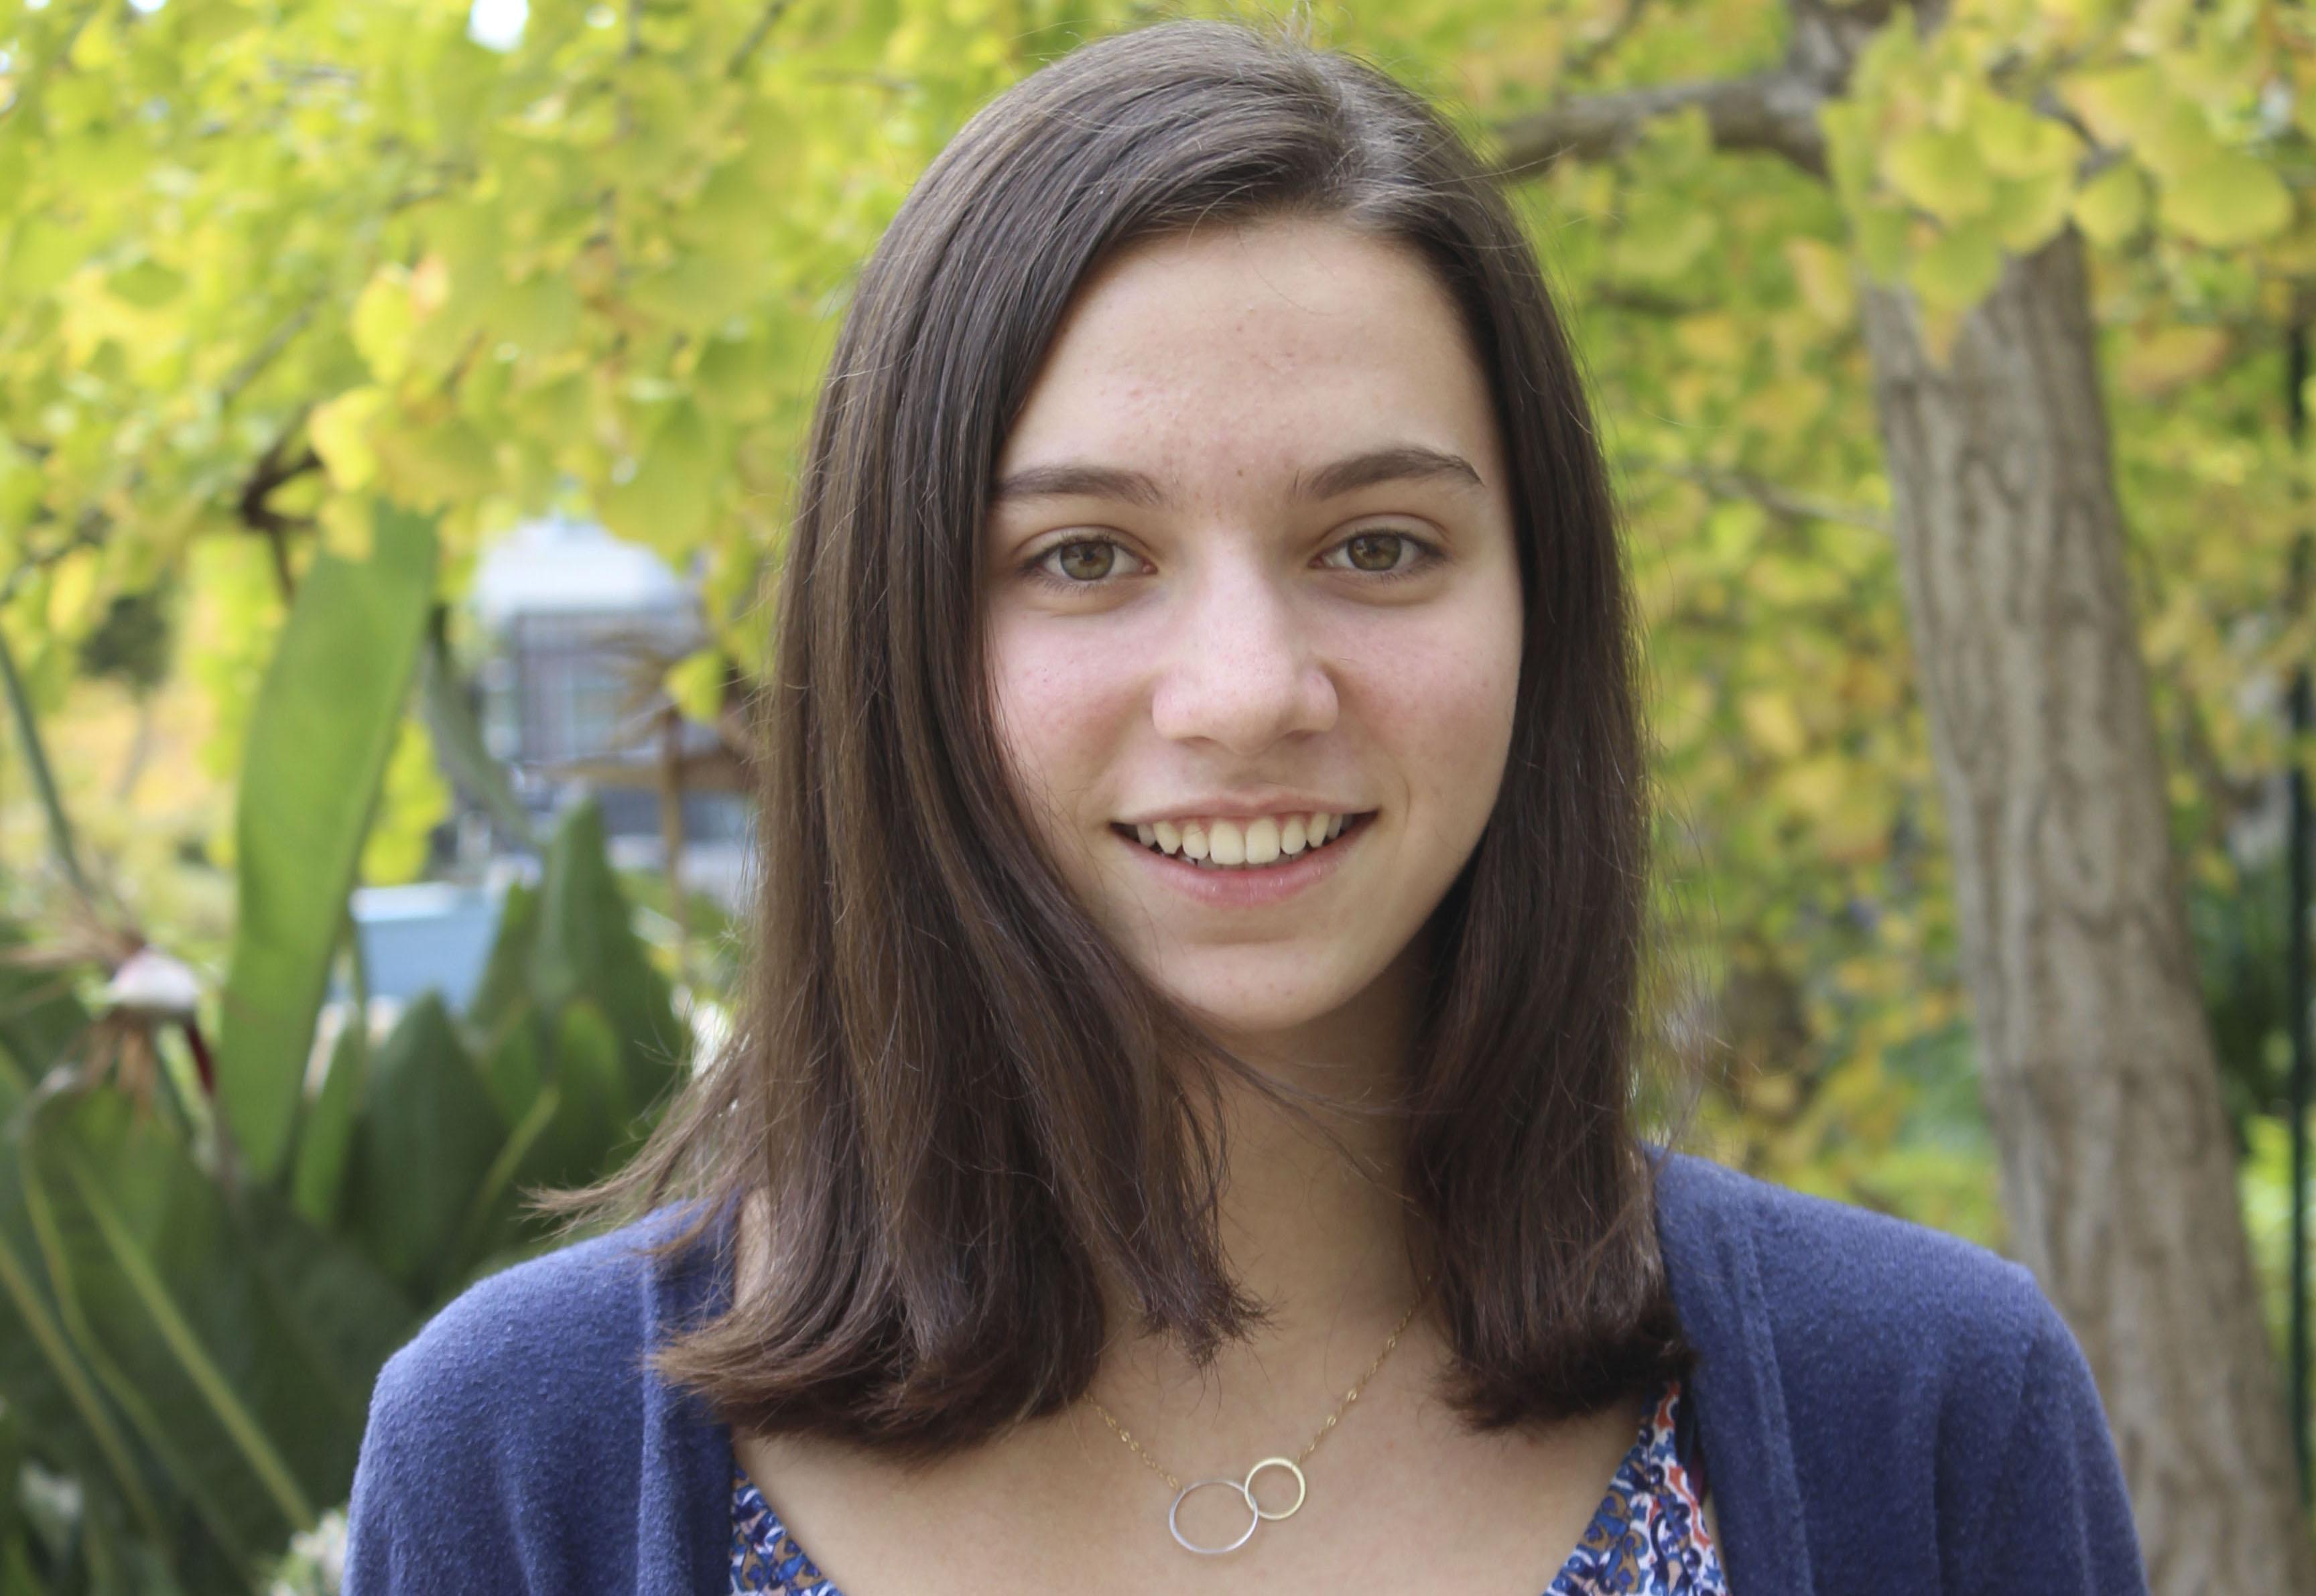 Mira Kittner